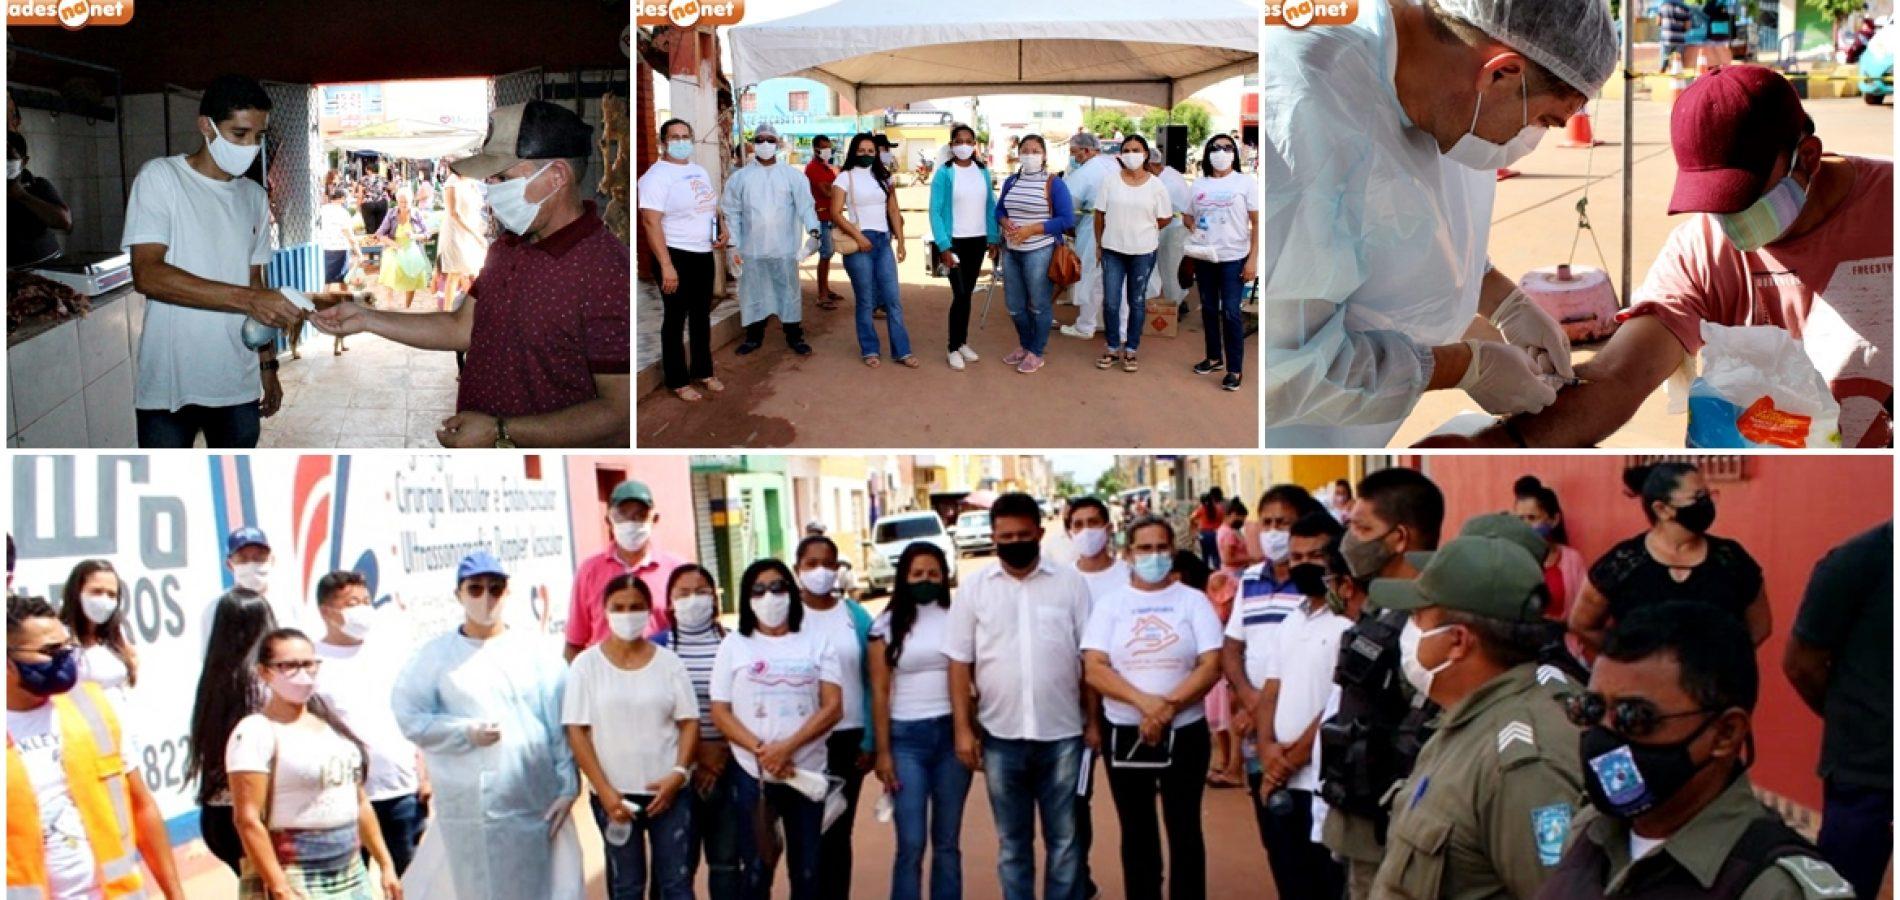 Gestão do prefeito Corinto promove ação educativa em prevenção à Covid-19 na feira livre de Marcolândia; fotos